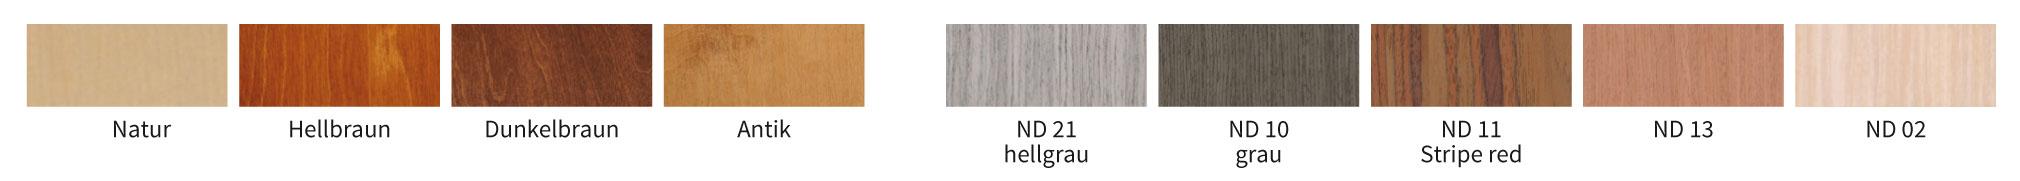 Holzfarbauswahl